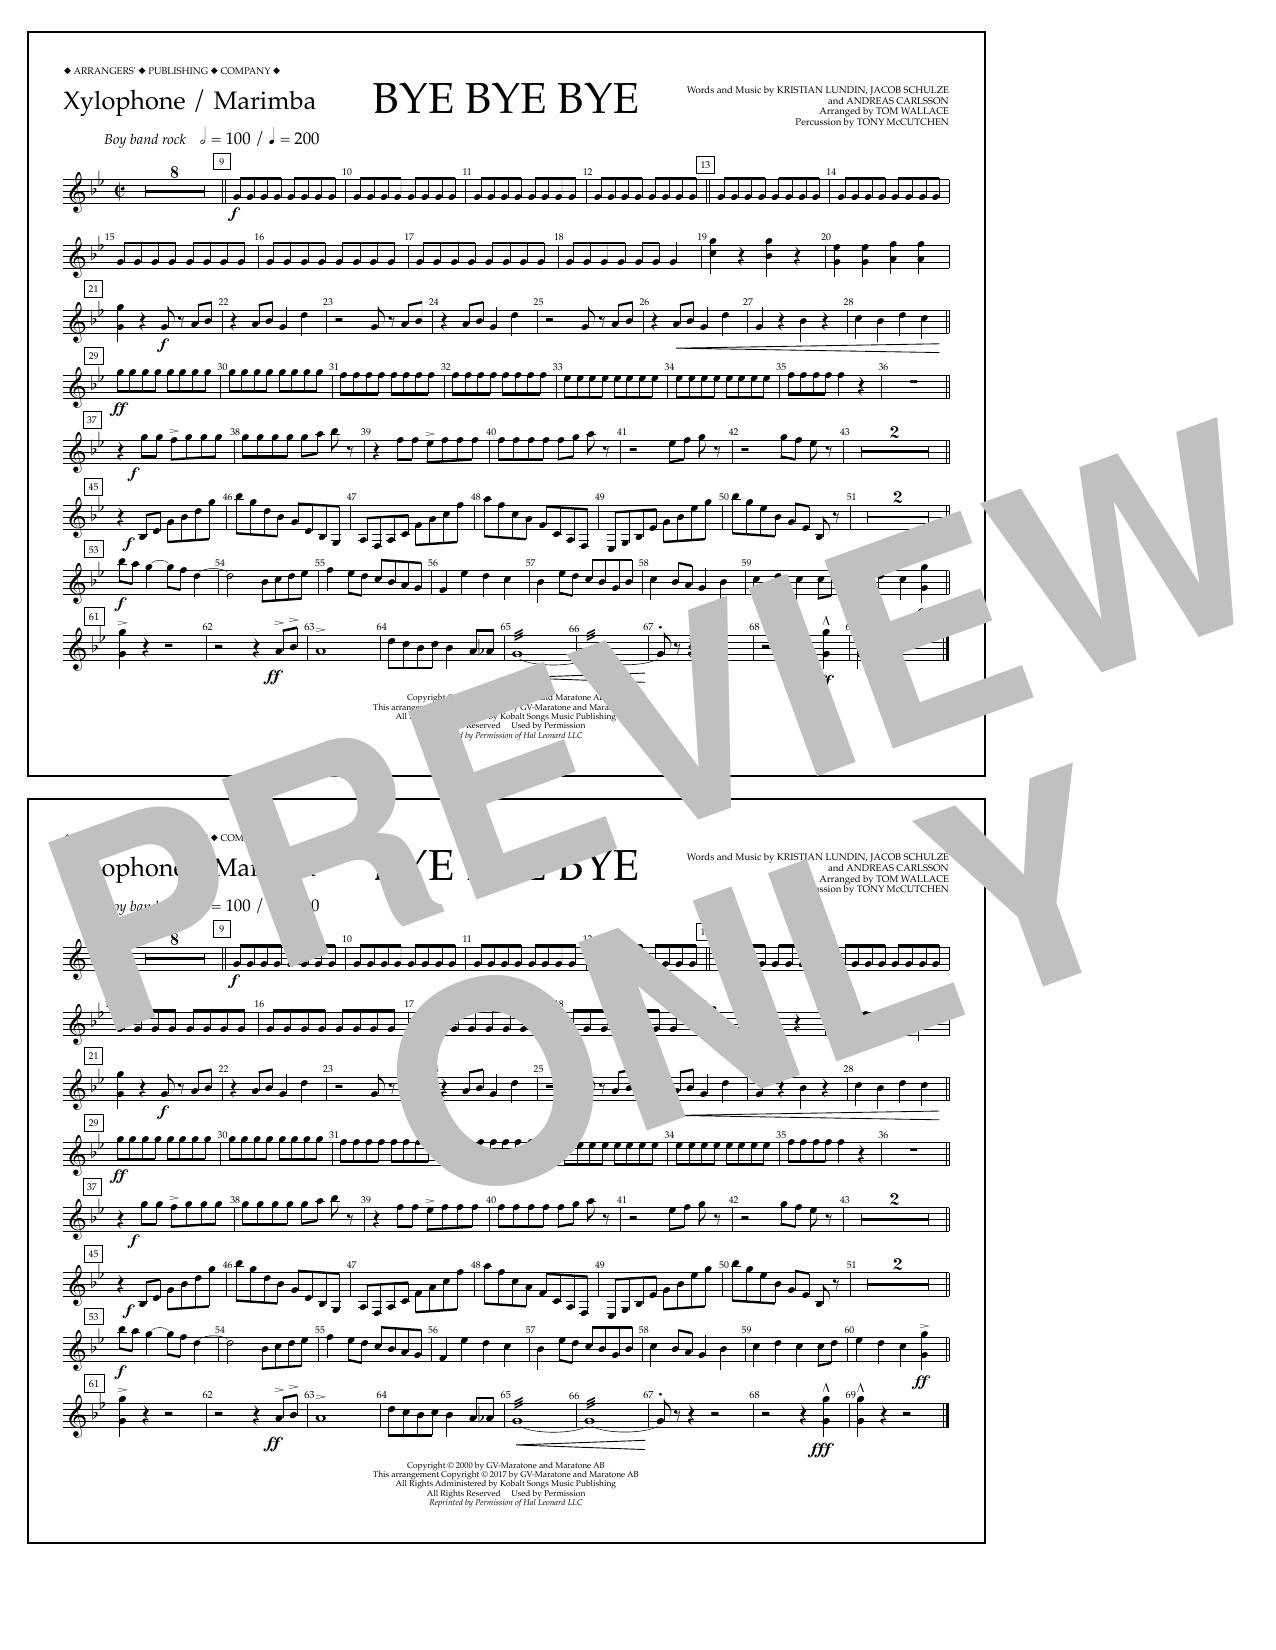 Bye Bye Bye - Xylophone/Marimba Sheet Music